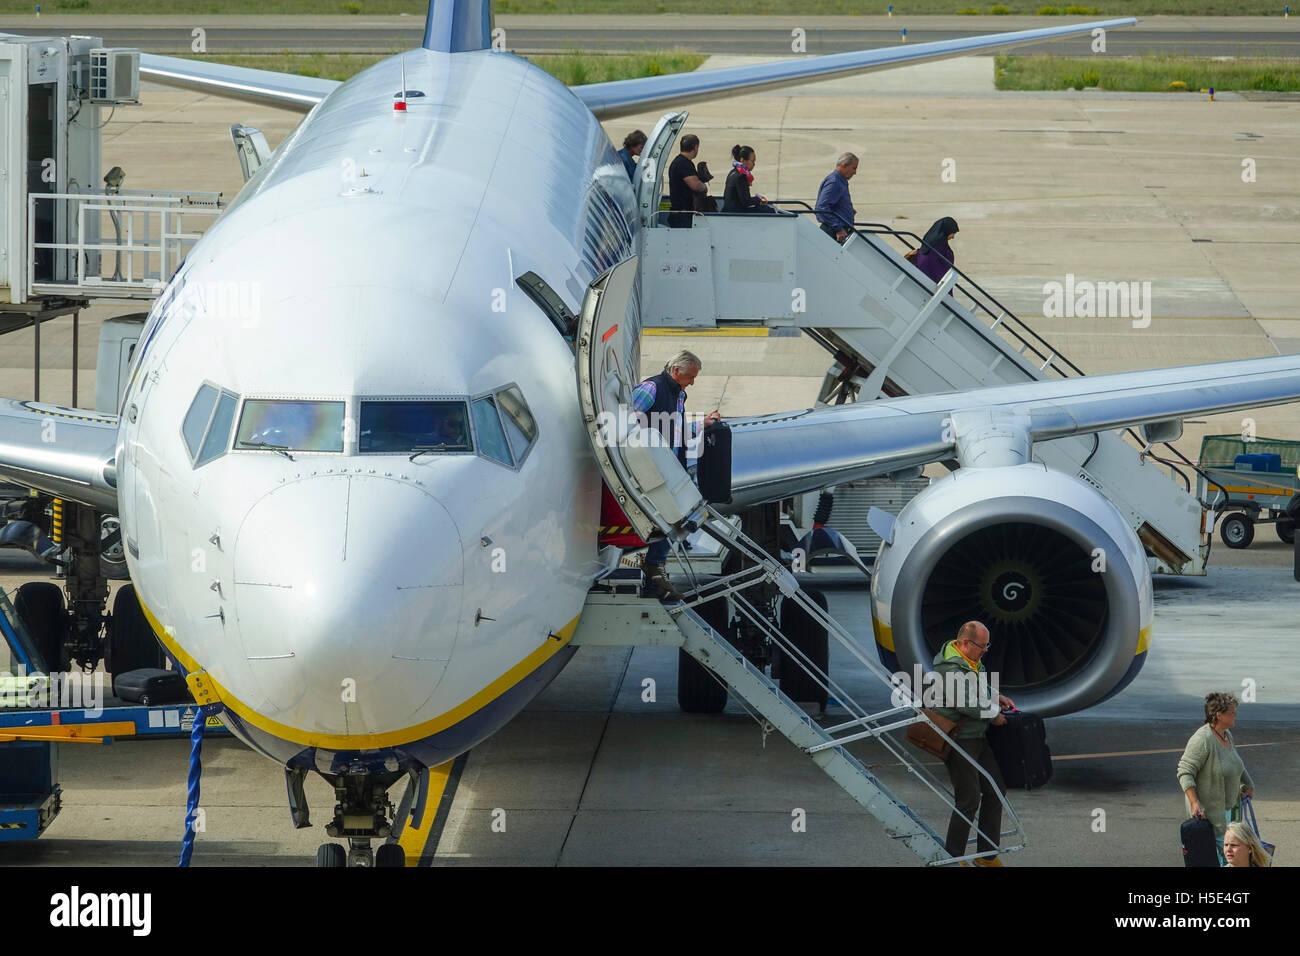 Viaggi in aereo - persone scendere dagli aerei a destinazione Immagini Stock